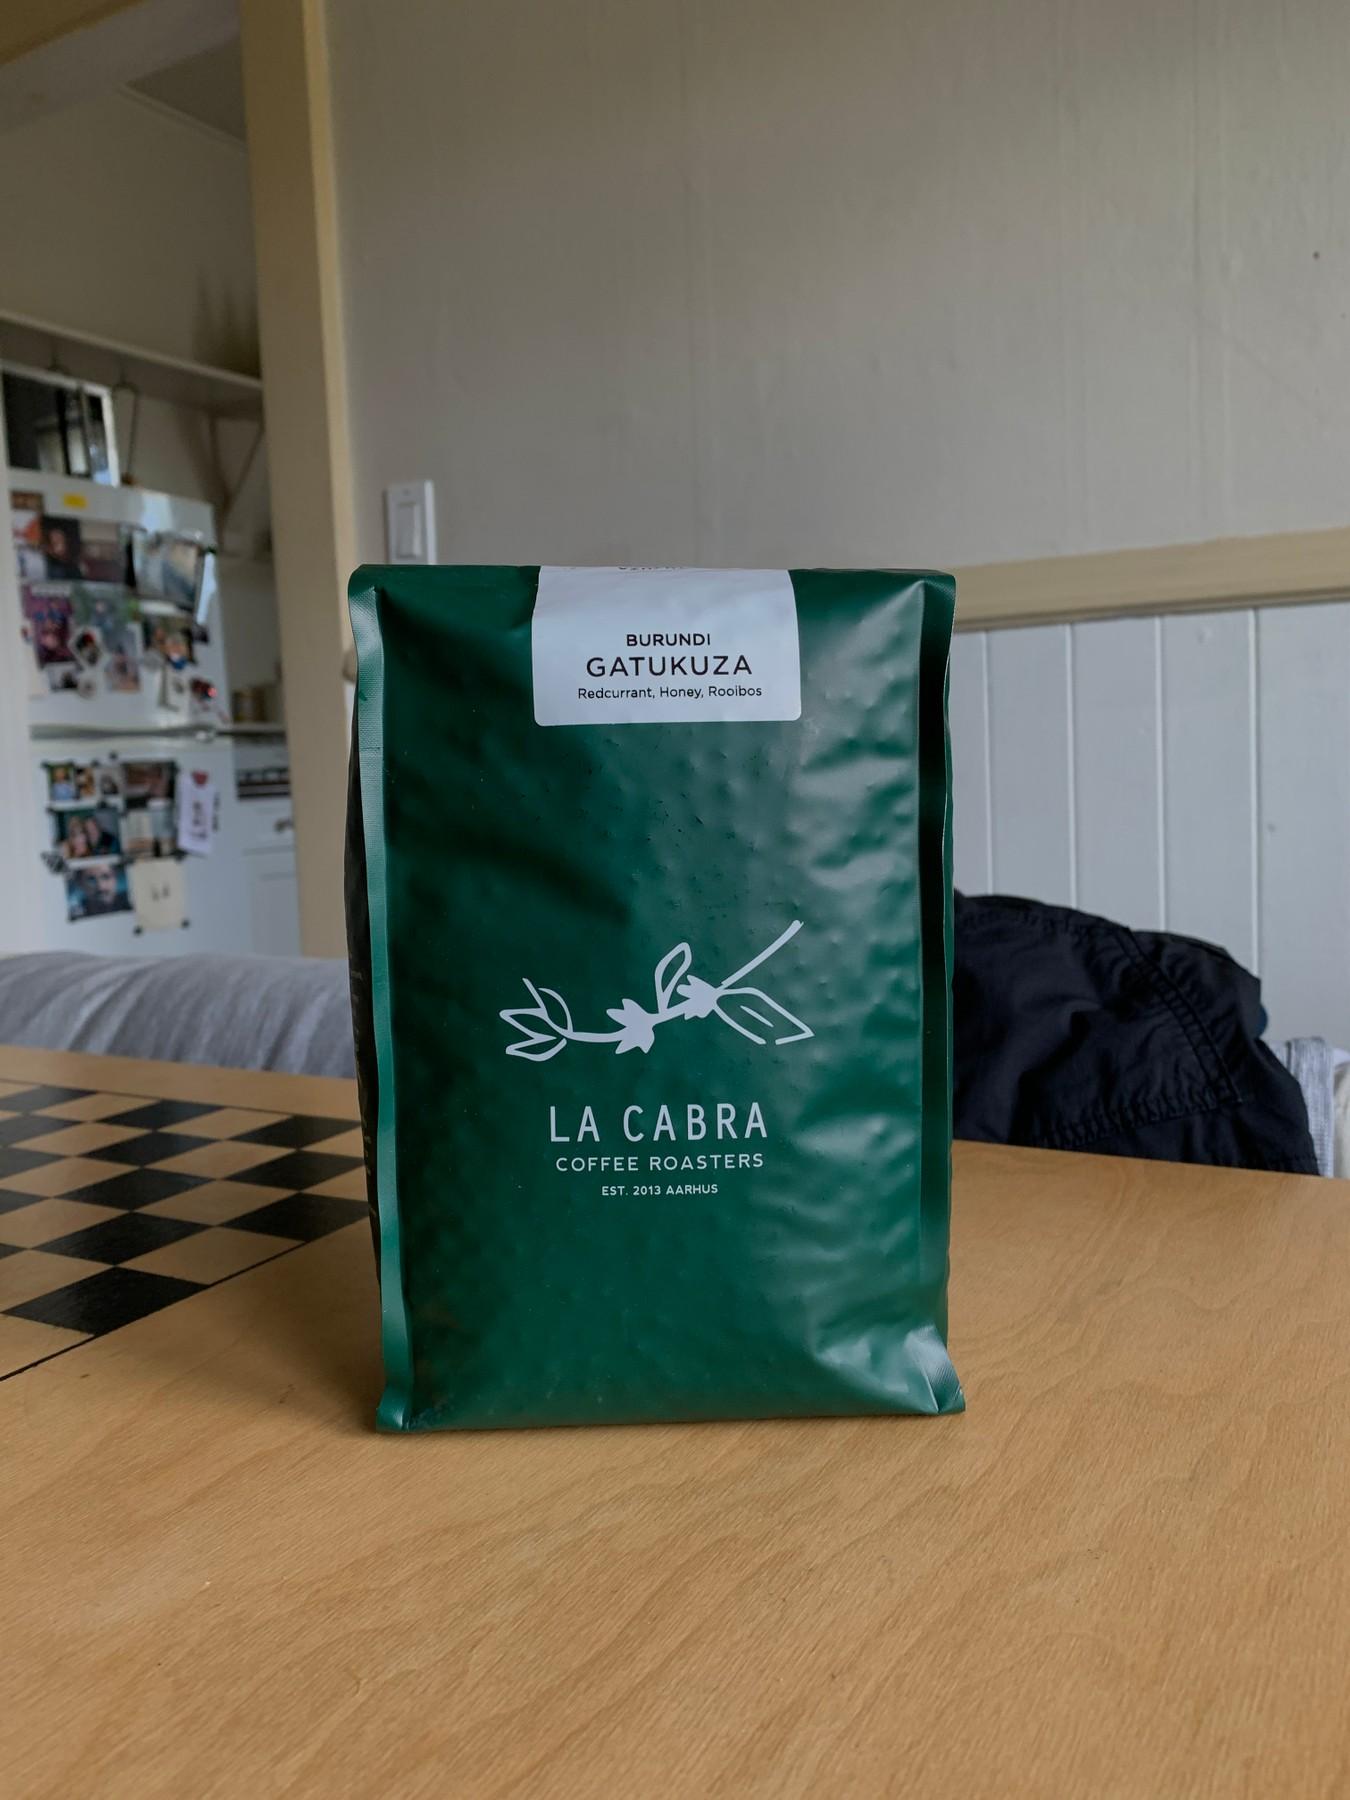 La Cabra Coffee, Gatukuza (Burundi), 2020